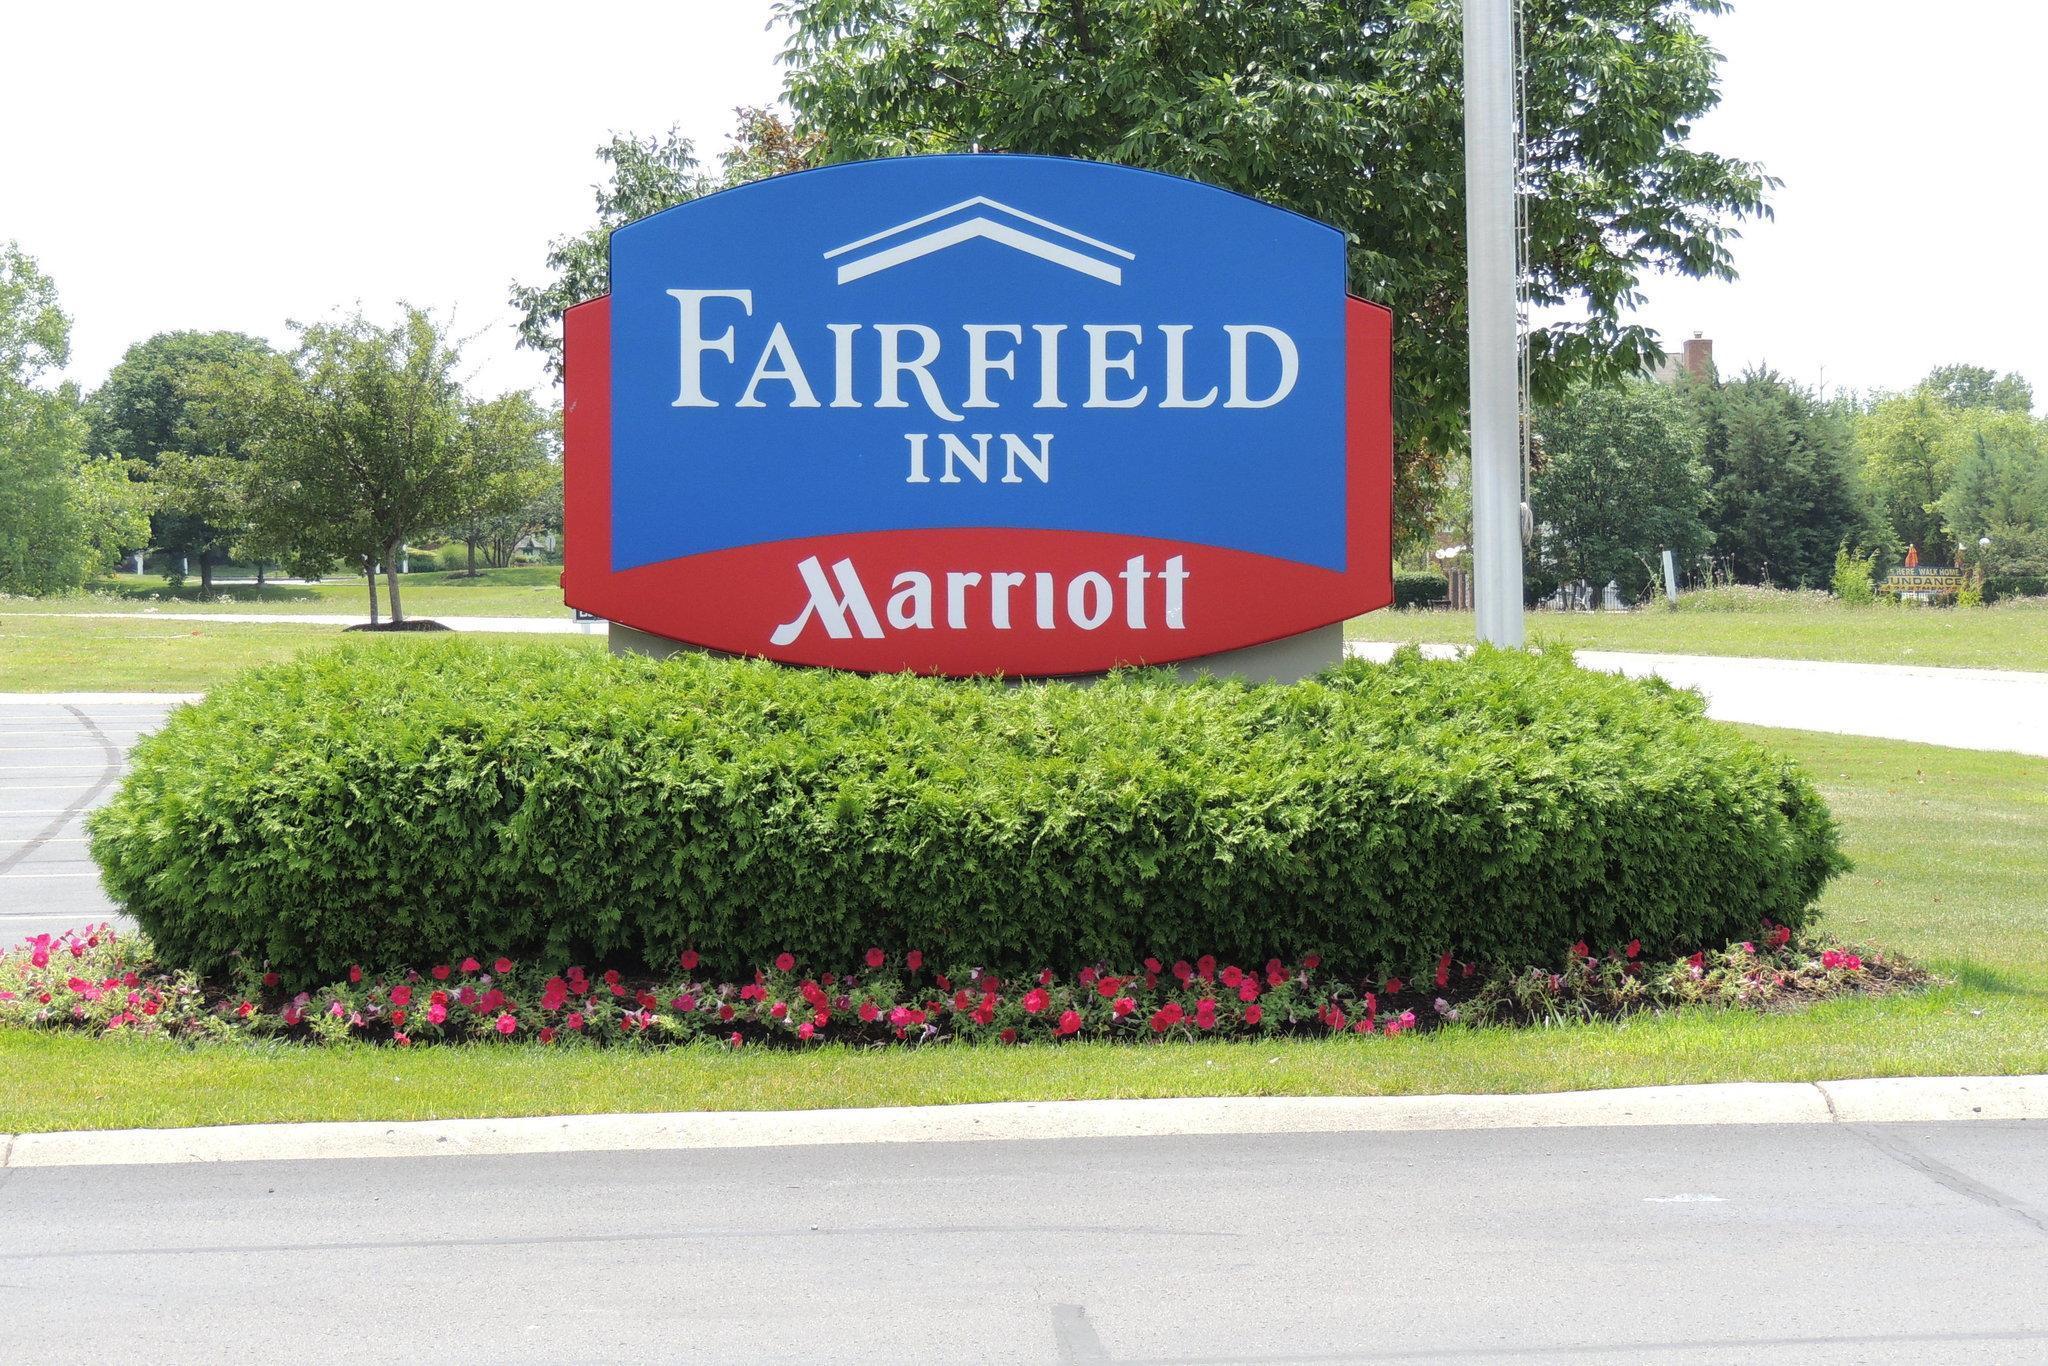 Fairfield Inn Indianapolis South